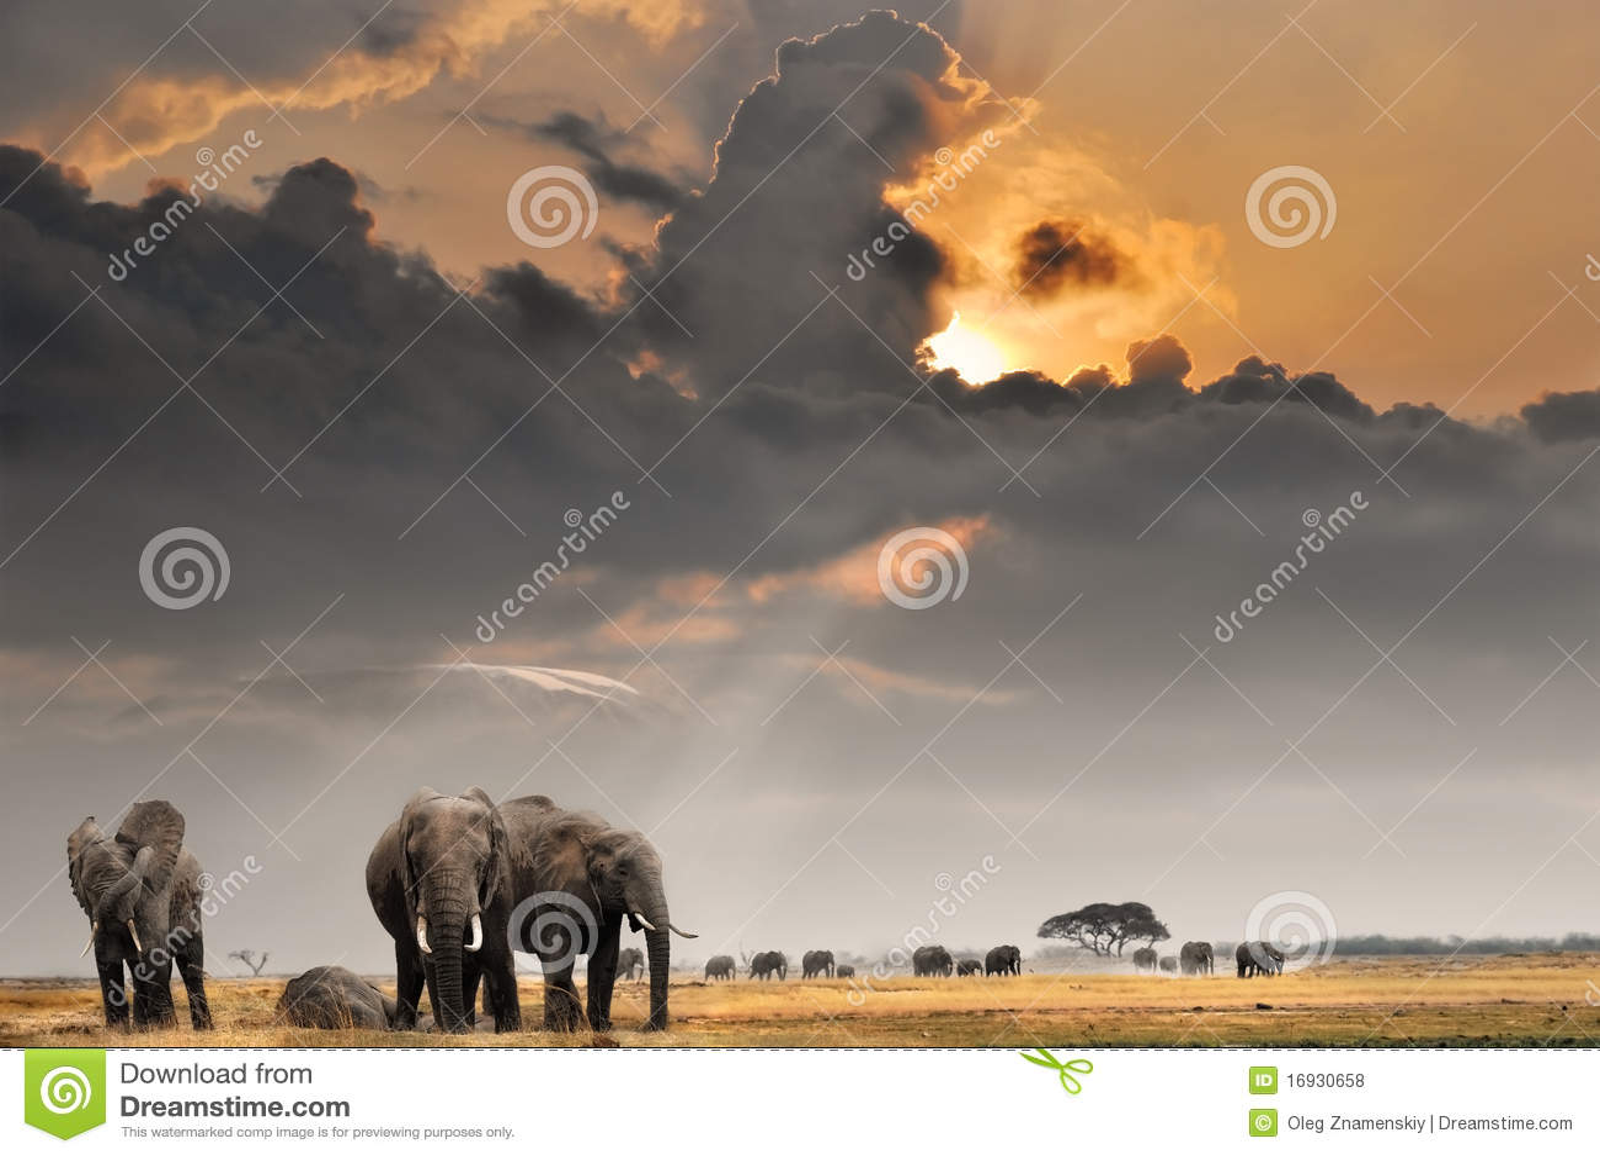 Afrikaanse zonsondergang met olifanten royalty vrije stock foto 39 s afbeelding 16930658 - Oostelijk licht ...